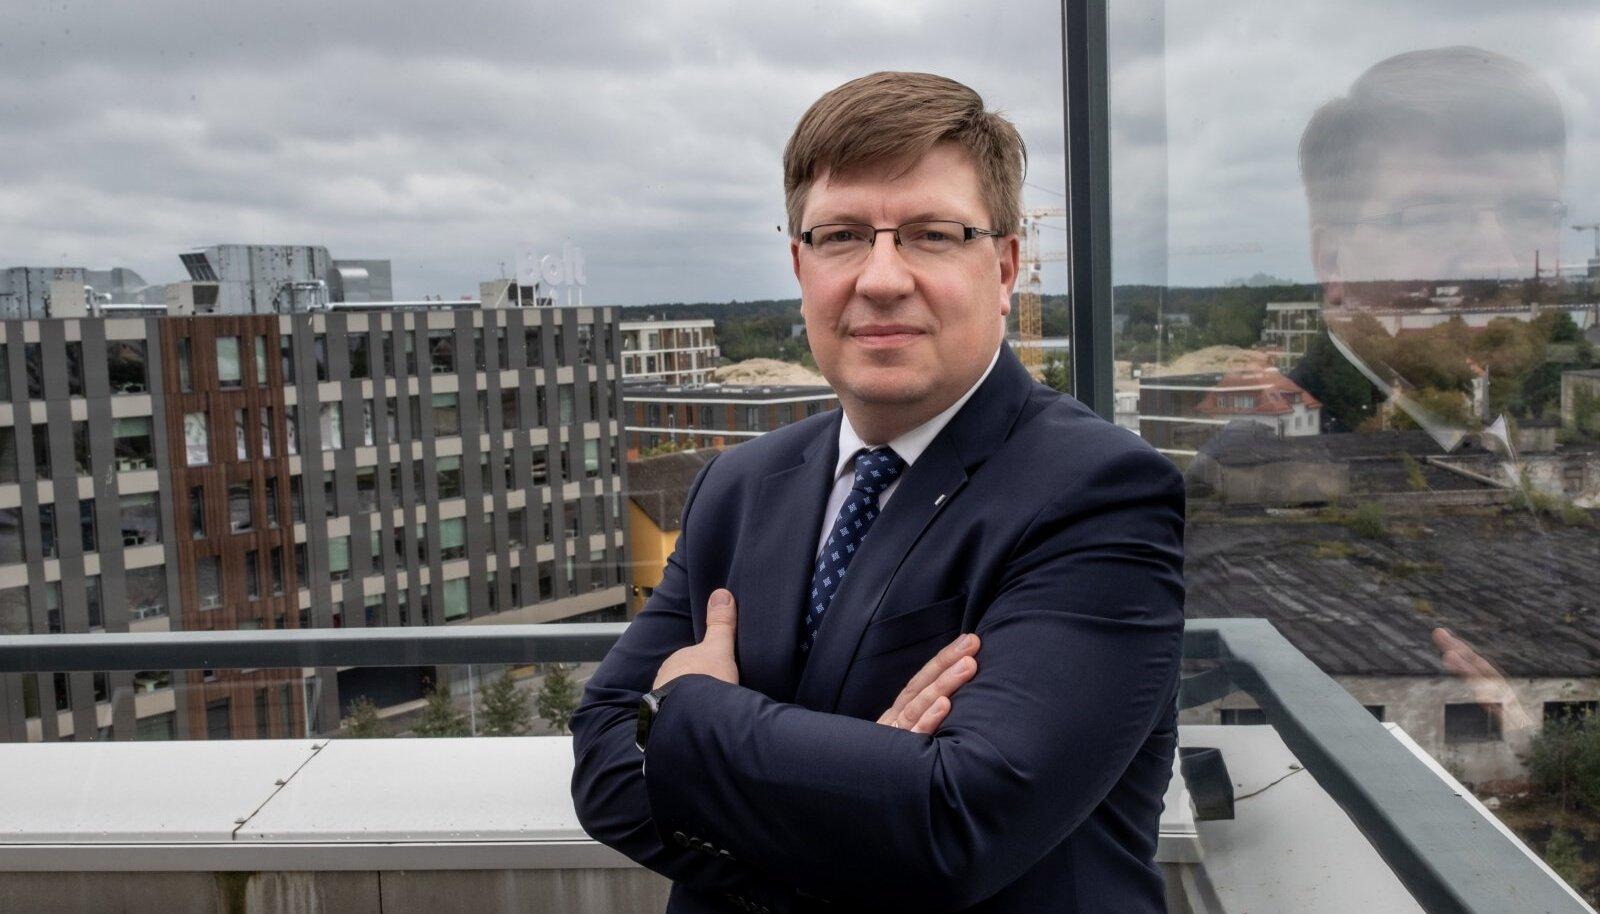 Statistikaameti peadirektor Urmet Lee ütleb, et Eesti suurimaid ülesandeid on lähiajal see, kuidas andmed omavahel suhestuma panna.